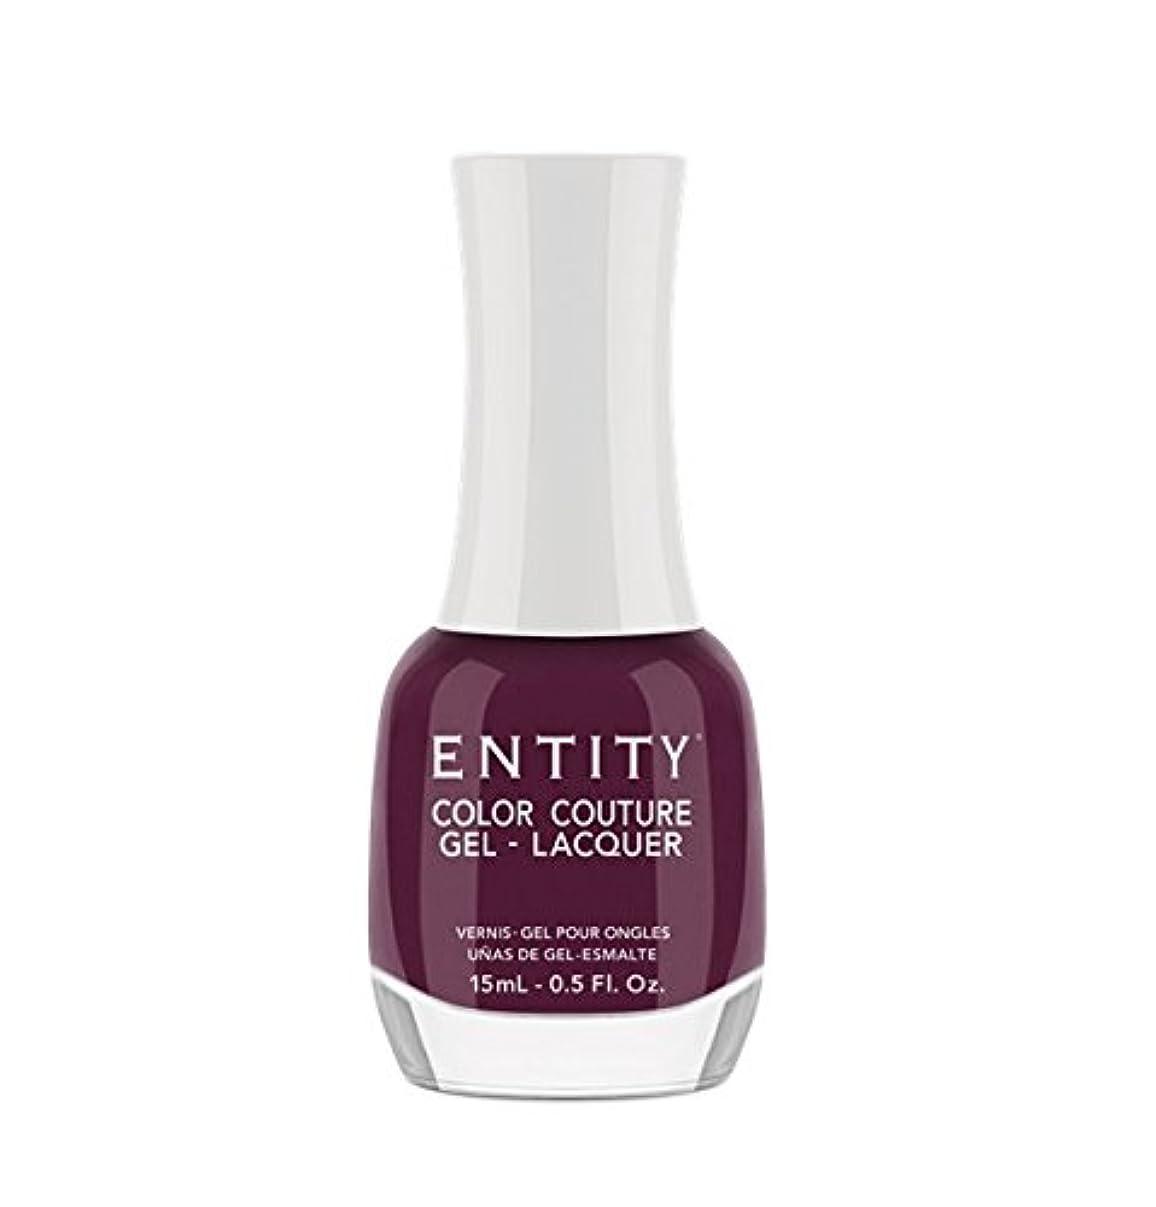 Entity Color Couture Gel-Lacquer - Look D'Jour - 15 ml/0.5 oz